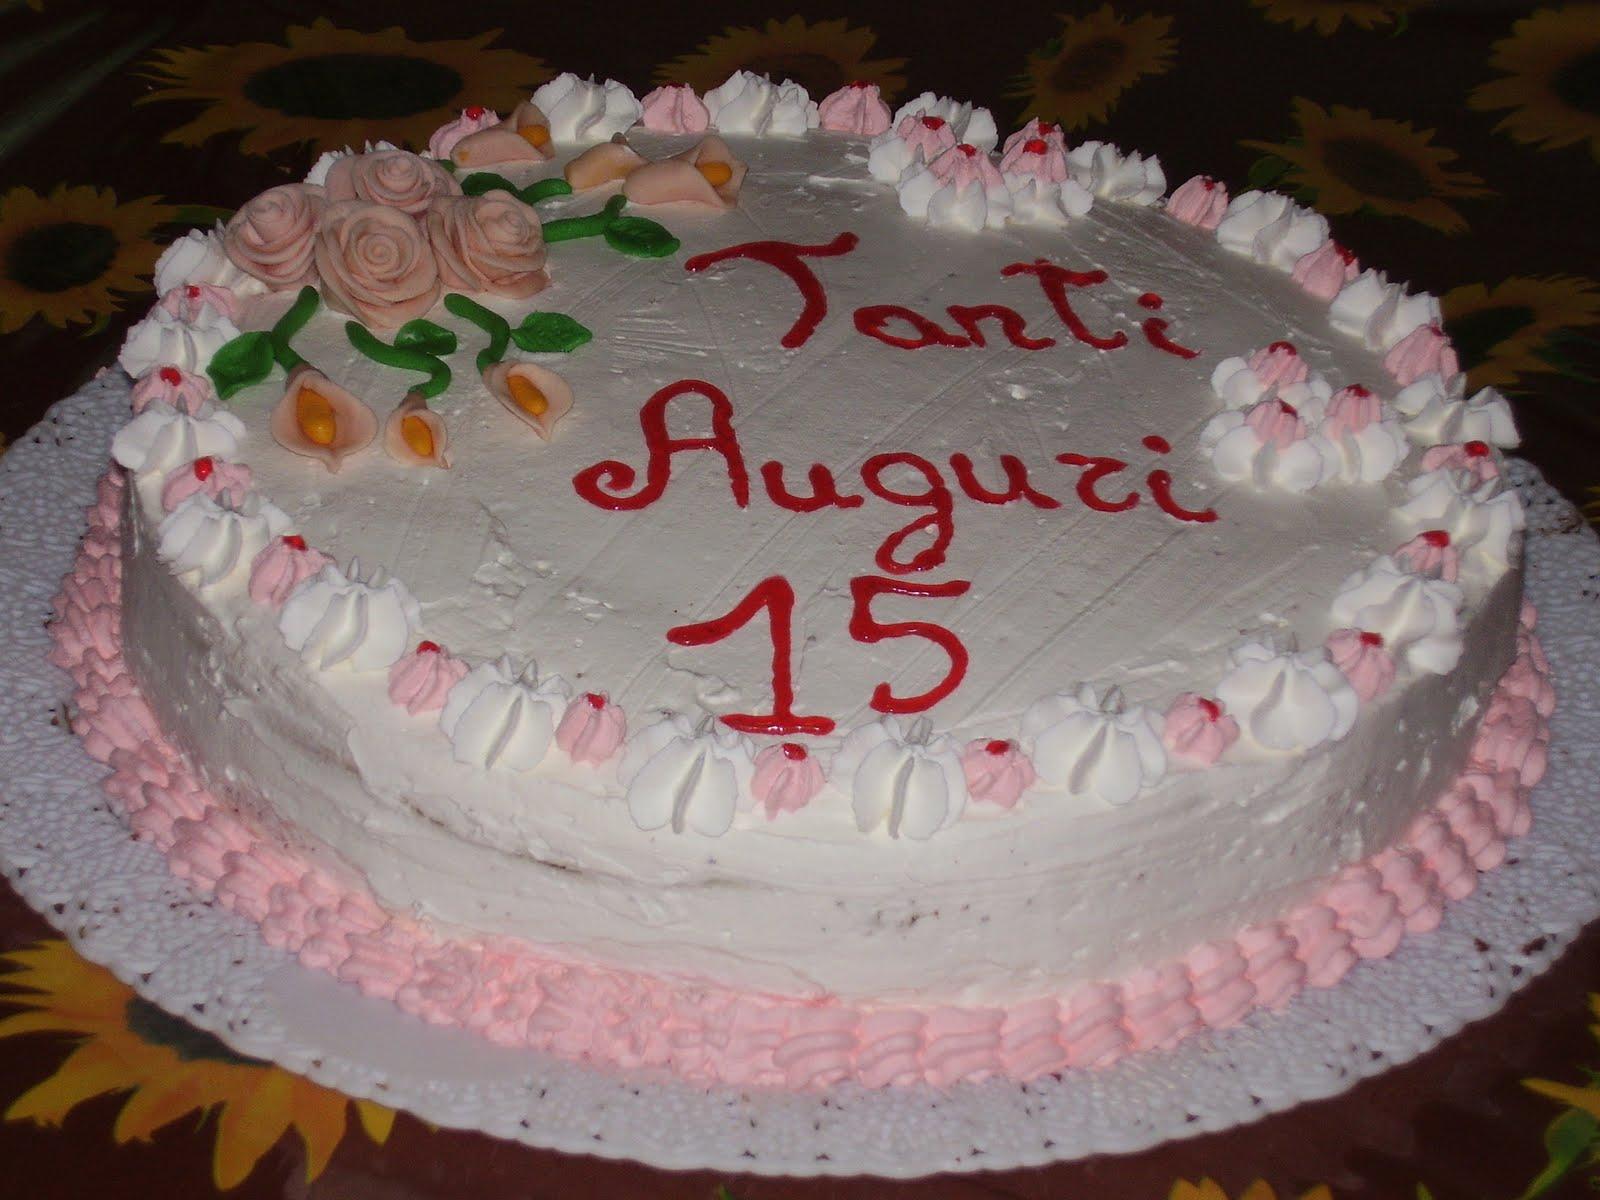 Fantasia in cucina torta di compleanno per fede - La cucina di sara torte ...